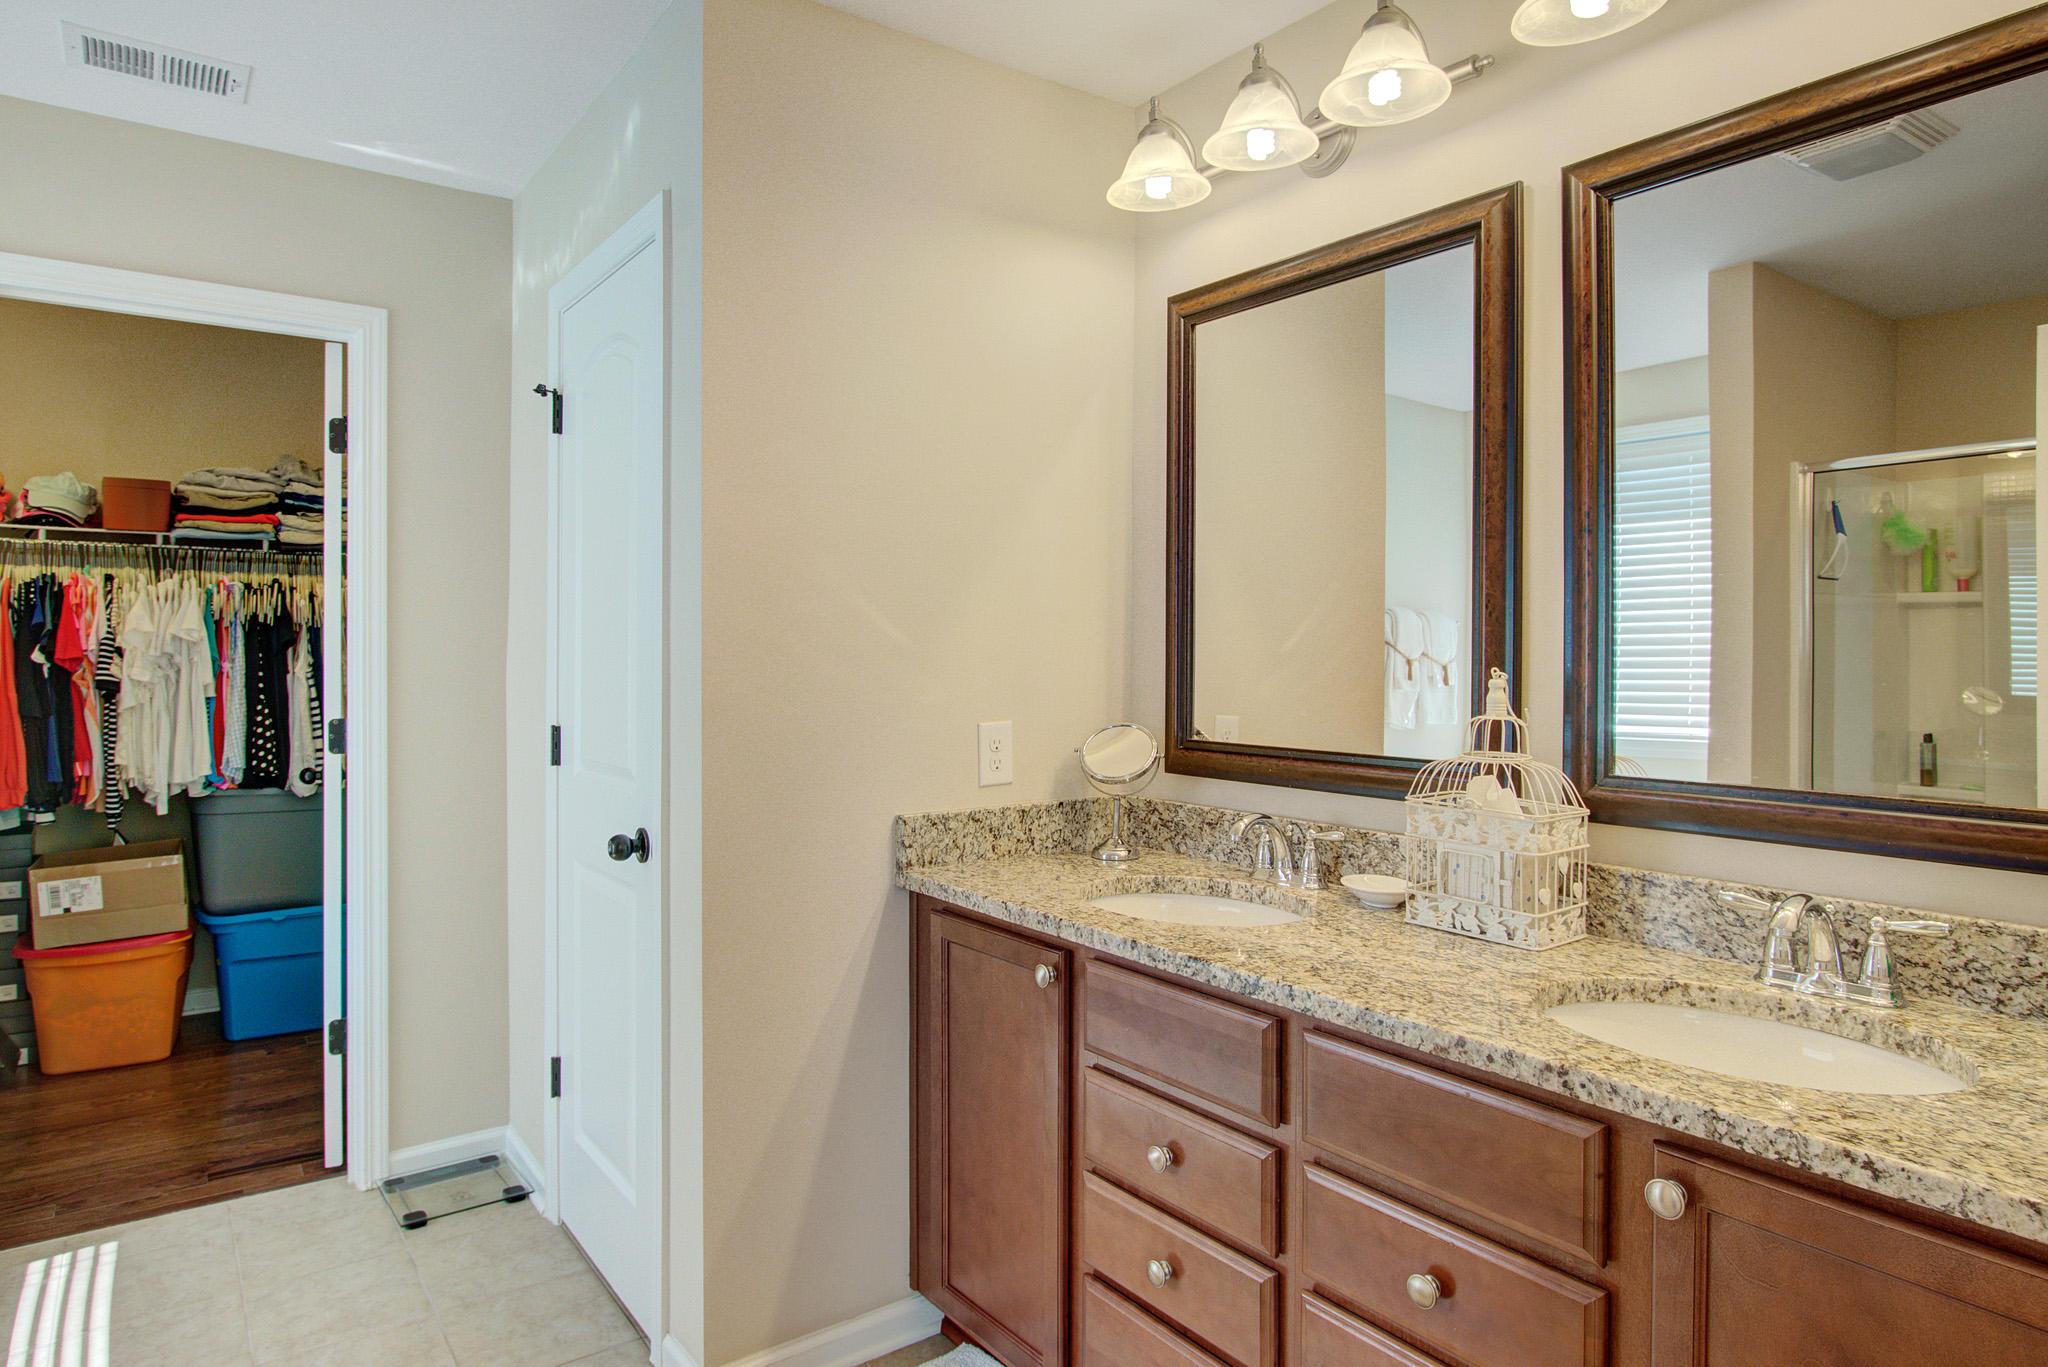 Sunnyfield Homes For Sale - 203 Medford, Summerville, SC - 36